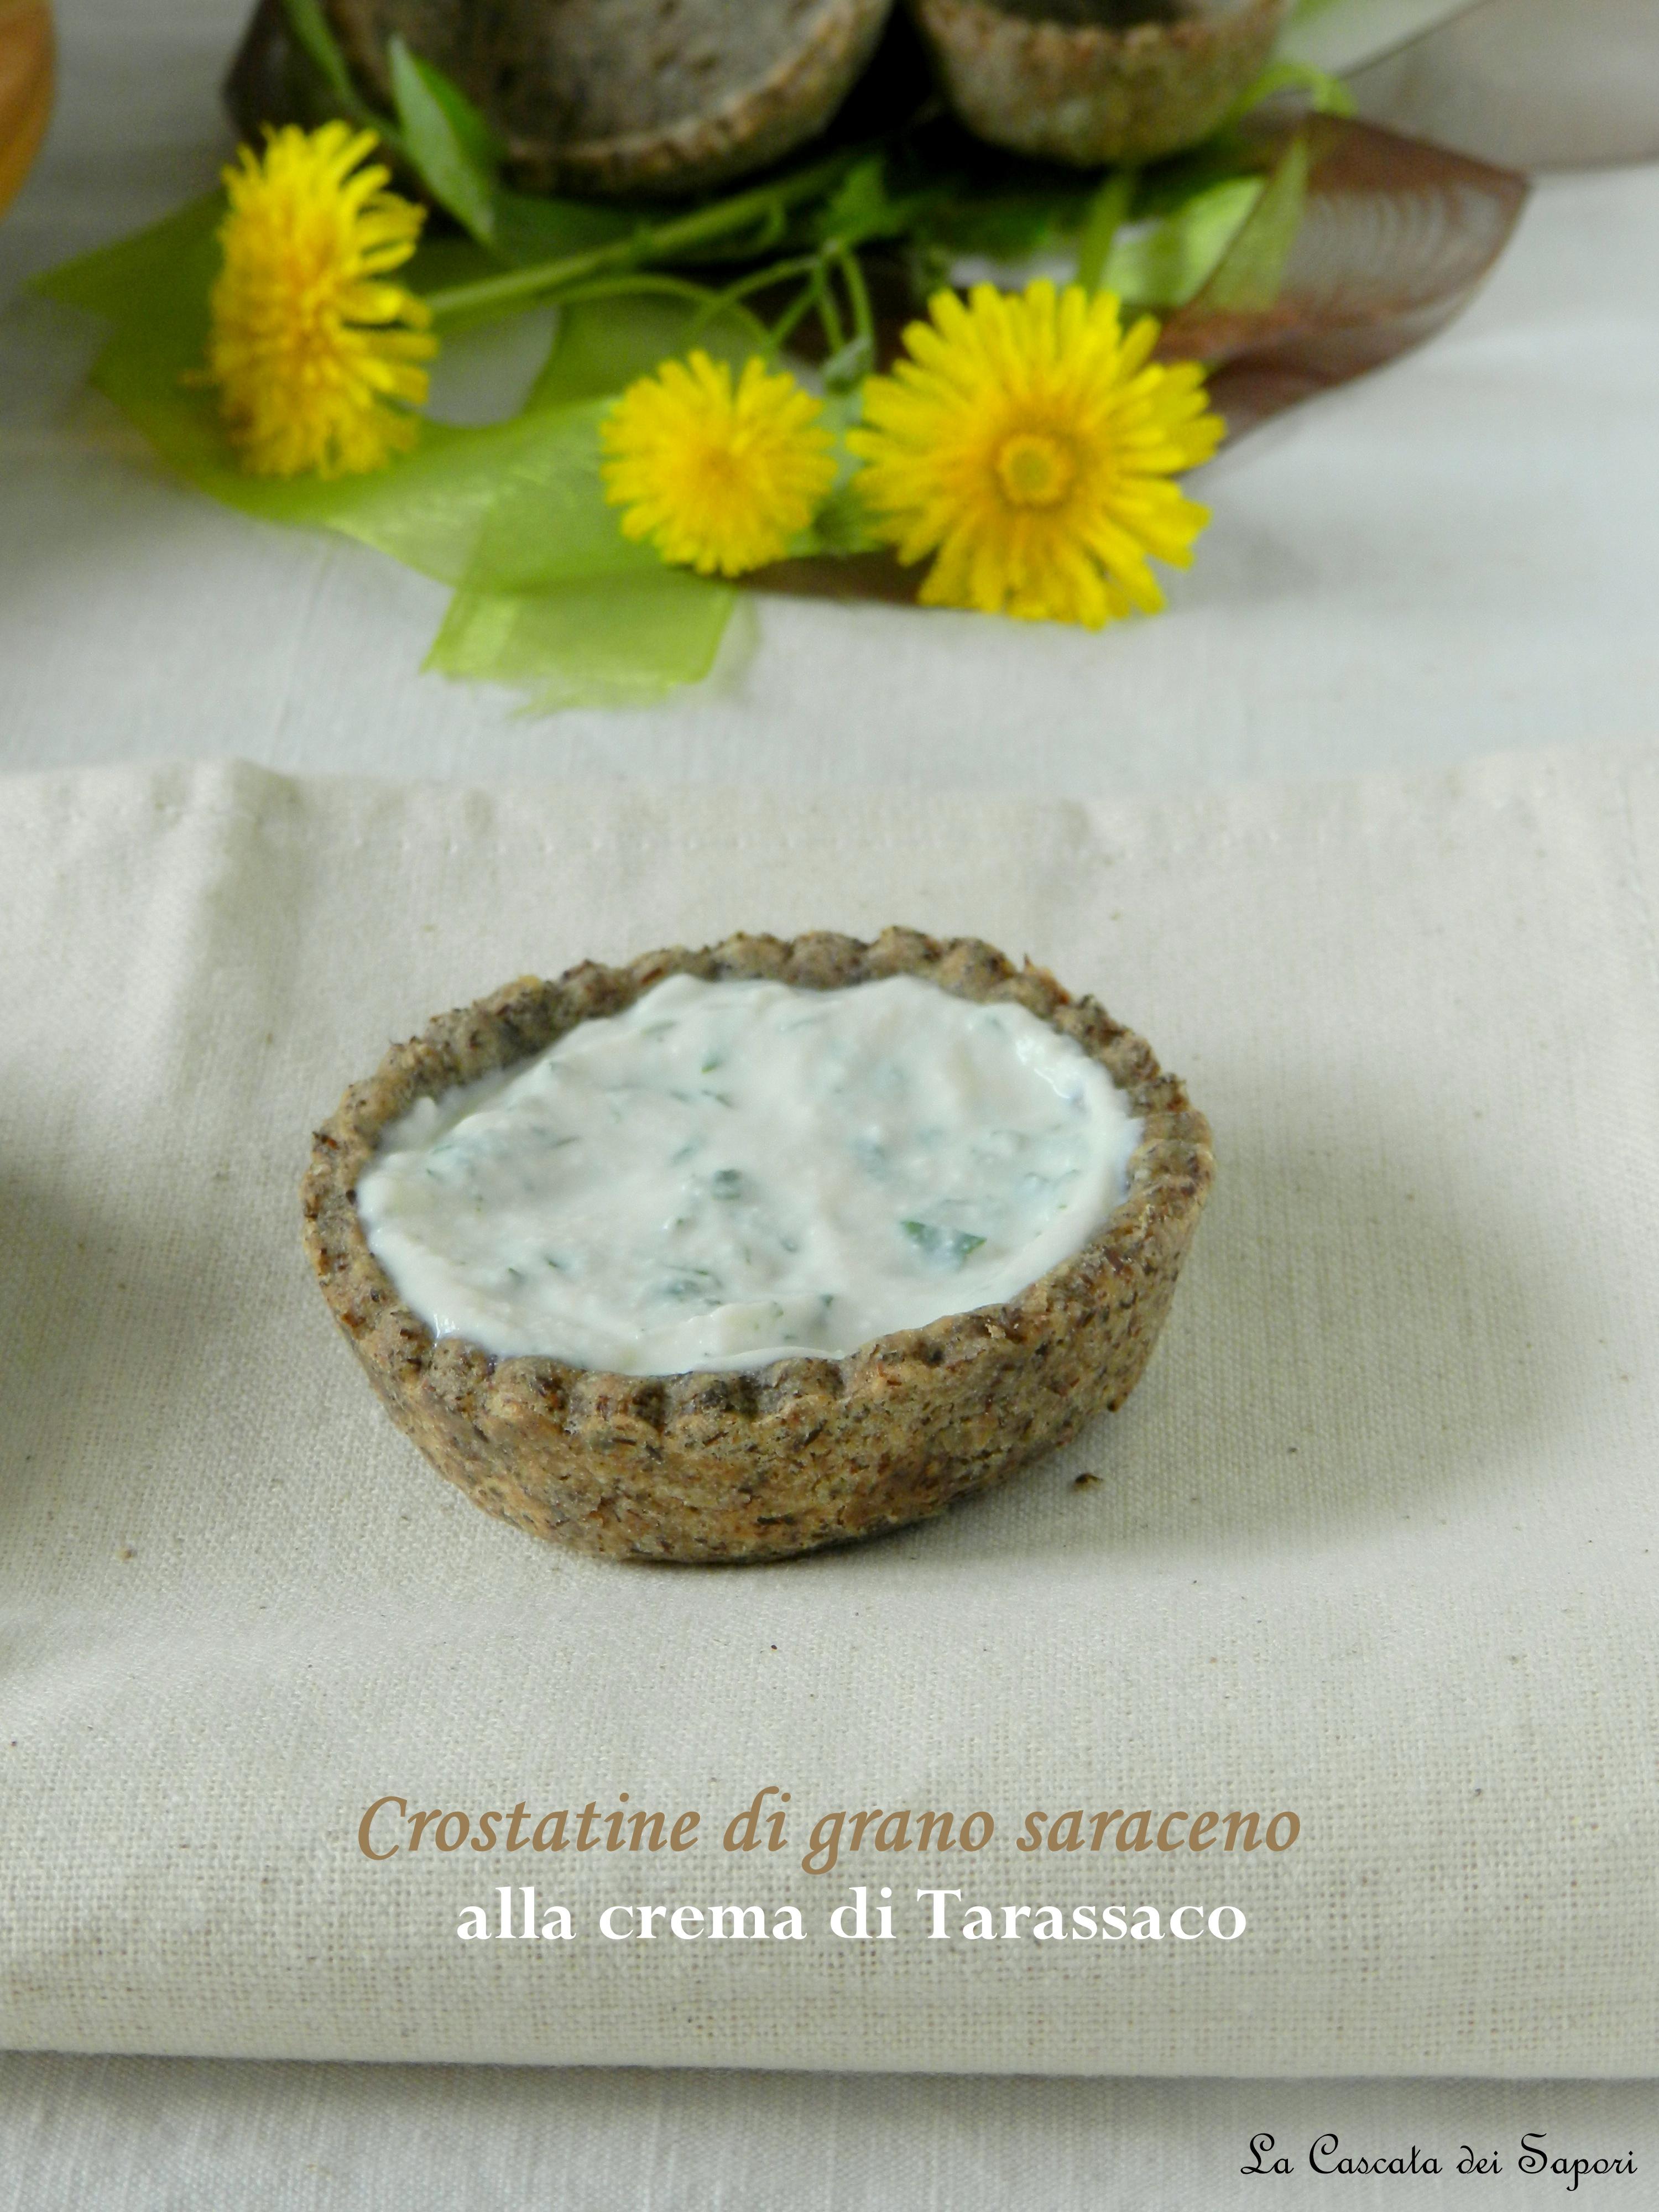 Crostatine con farina di grano saraceno alla crema di Tarassaco con ricotta e miele di castagno